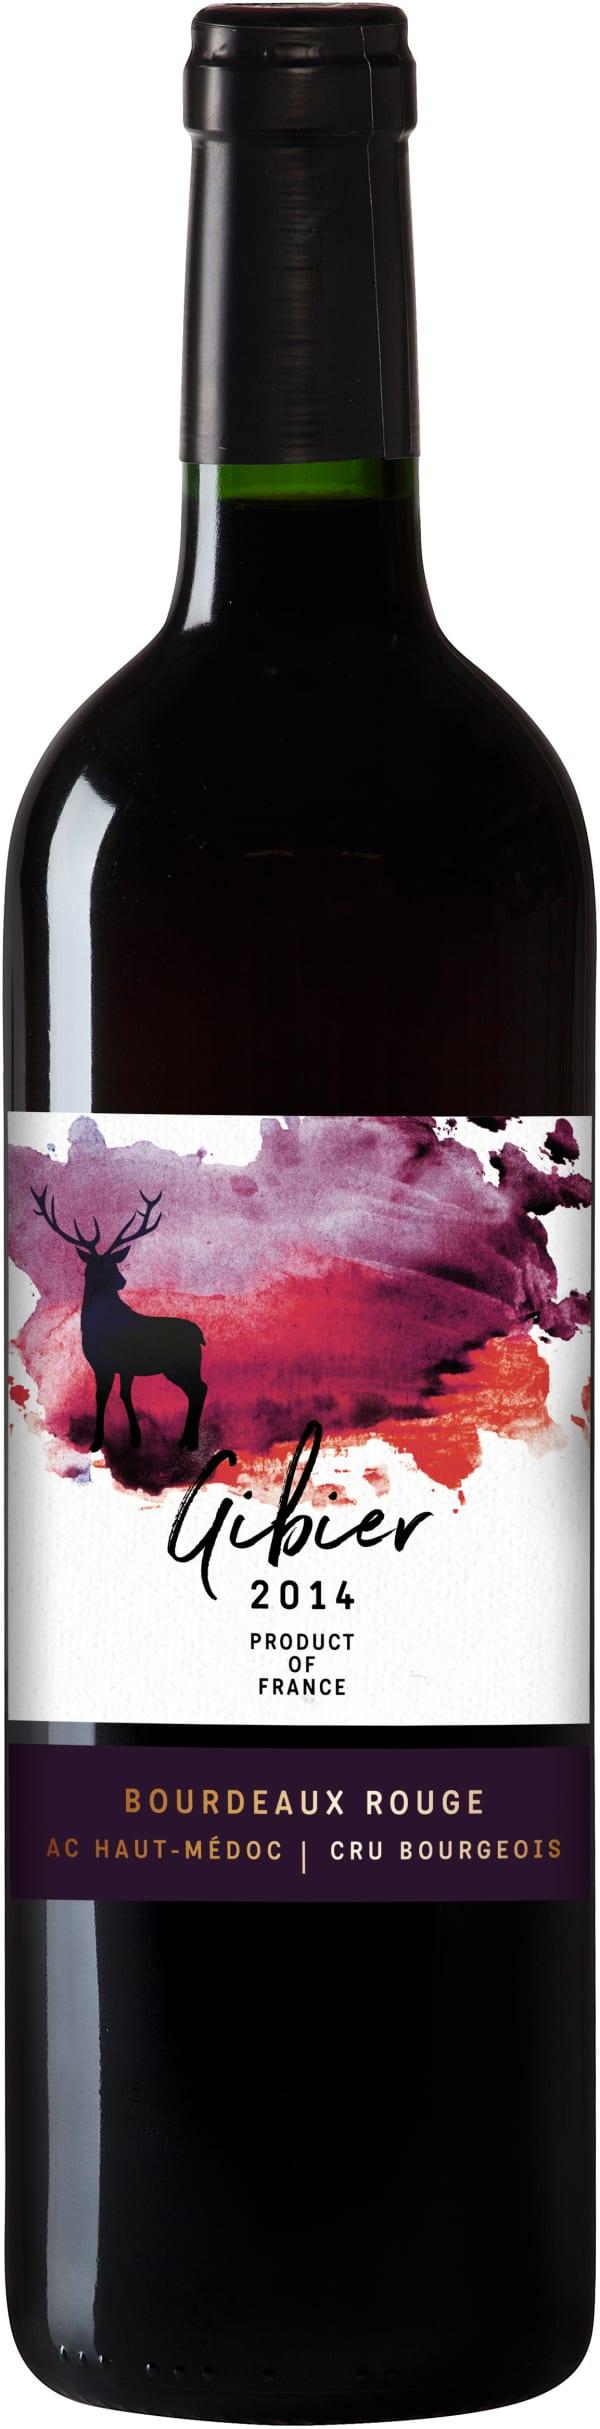 Gibier Bordeaux Rouge 2014